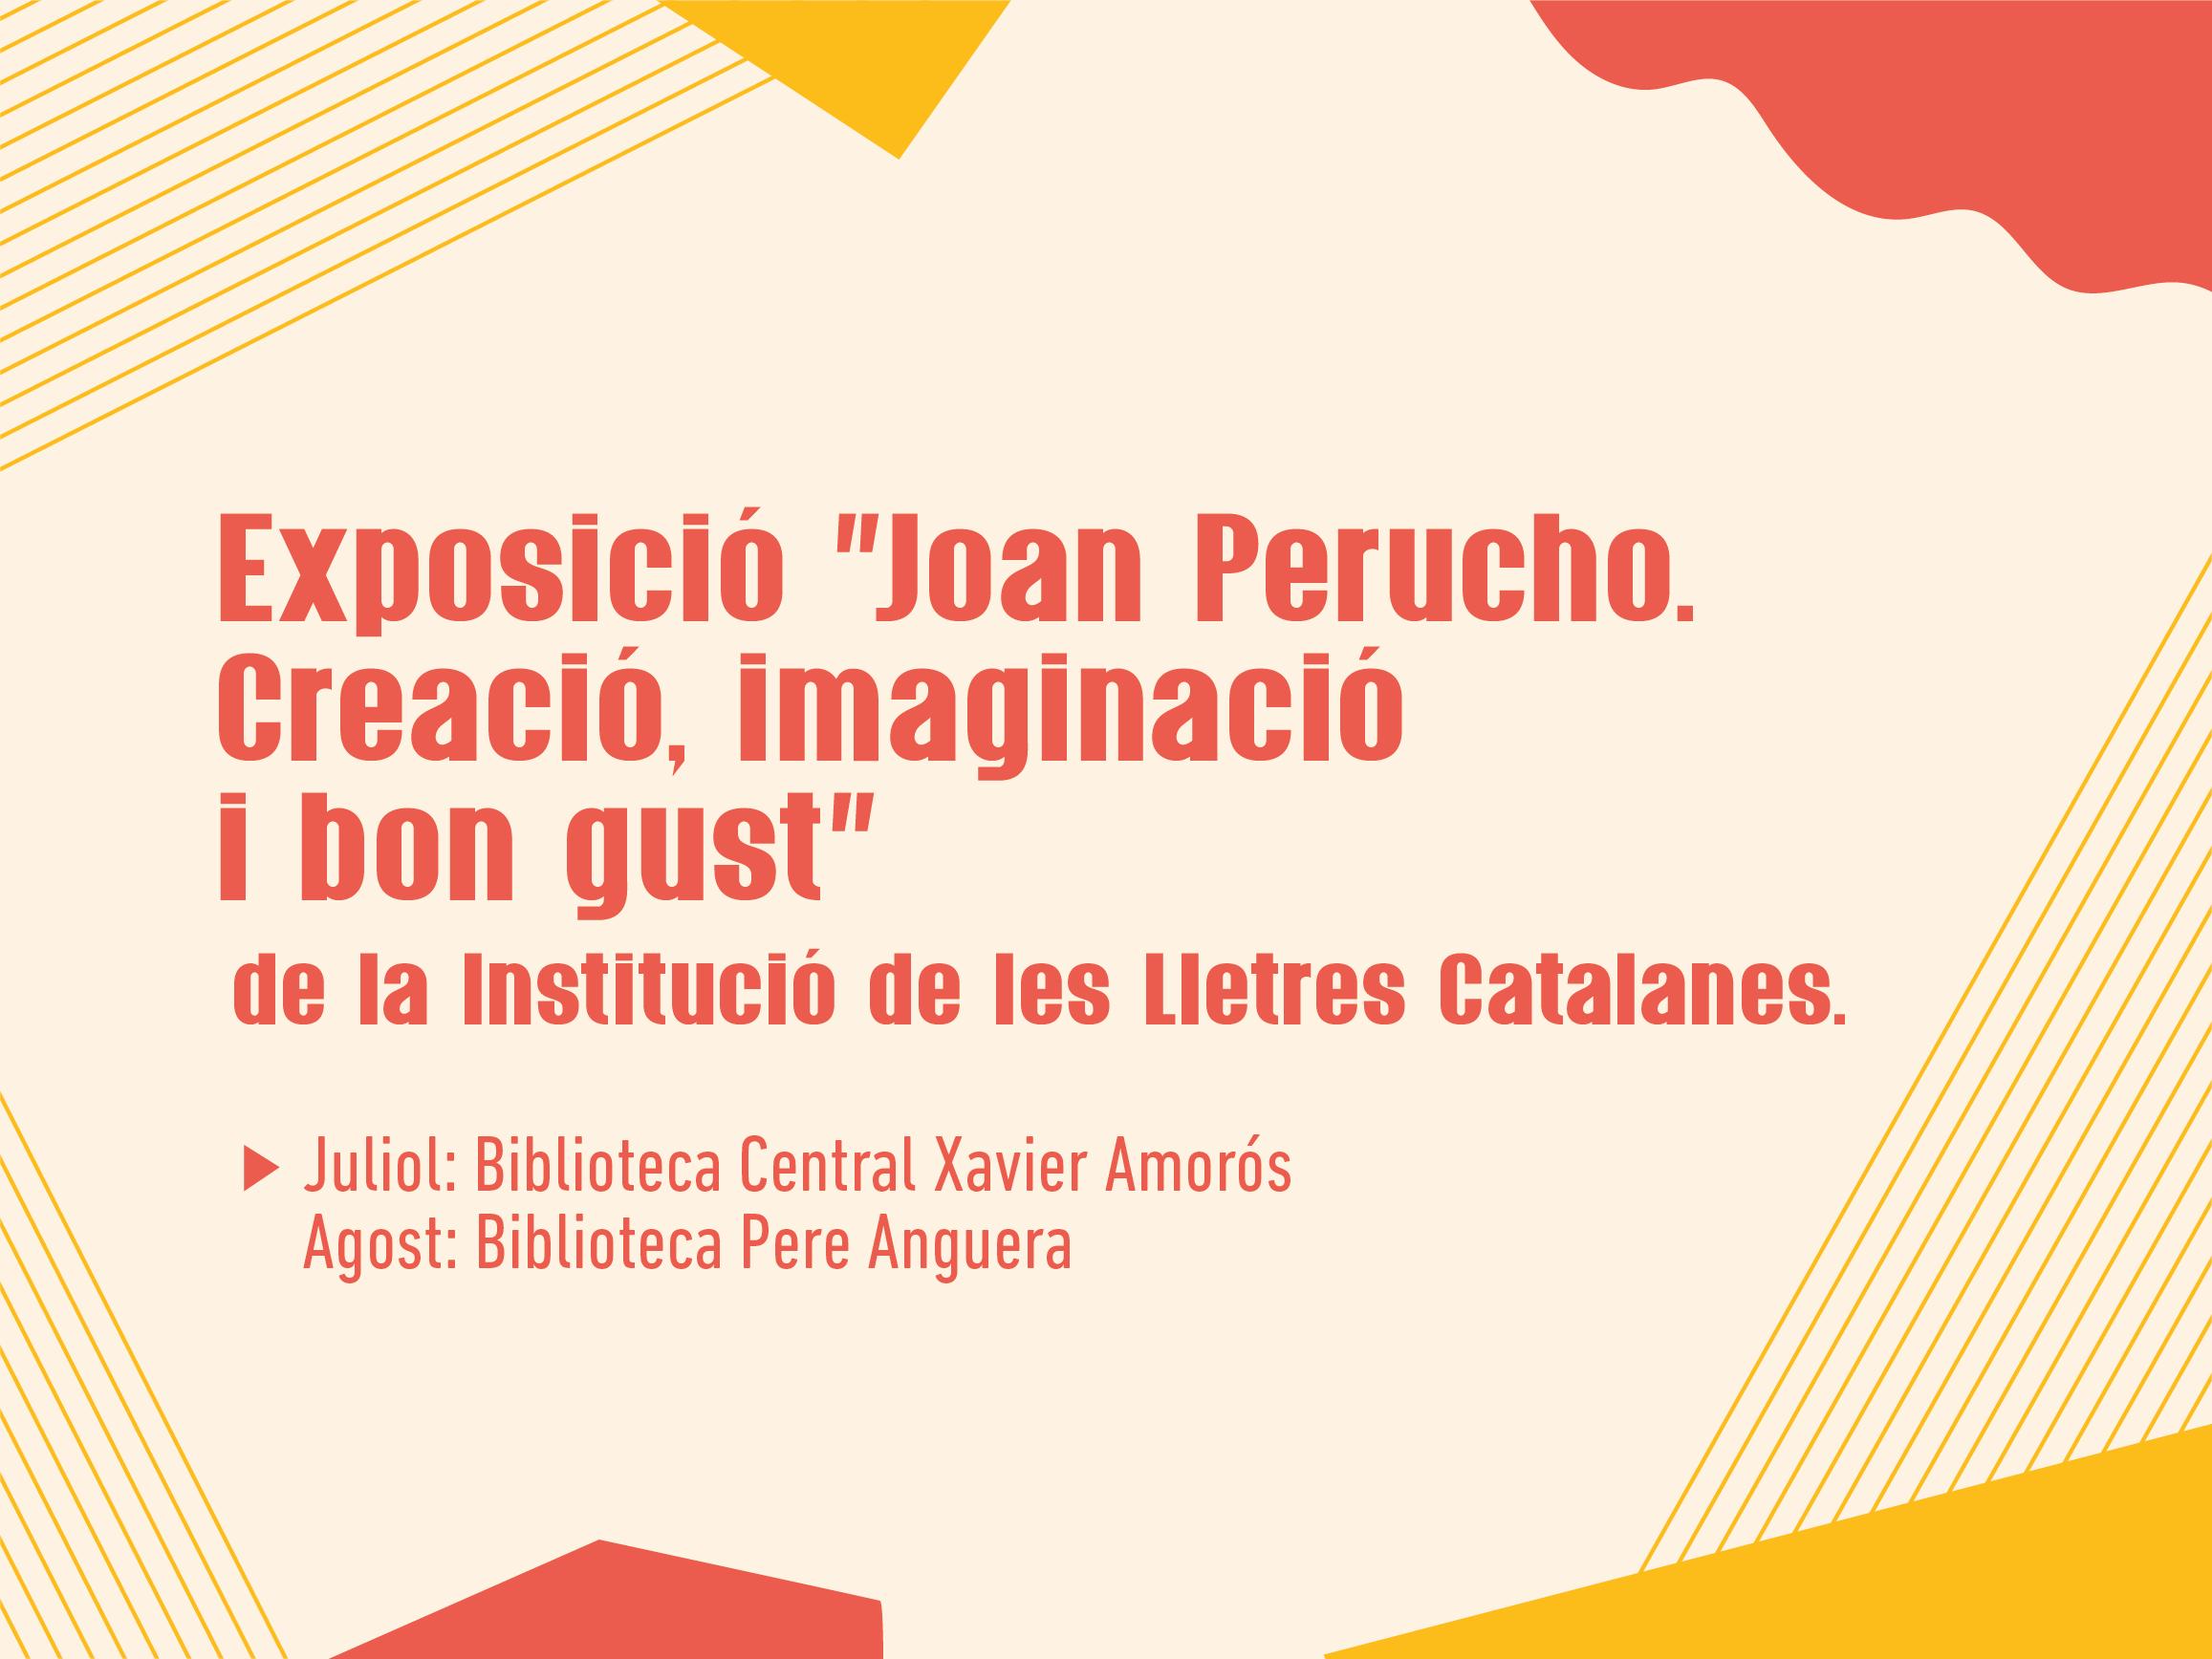 Biblioteques Municipals de Reus: Exposició